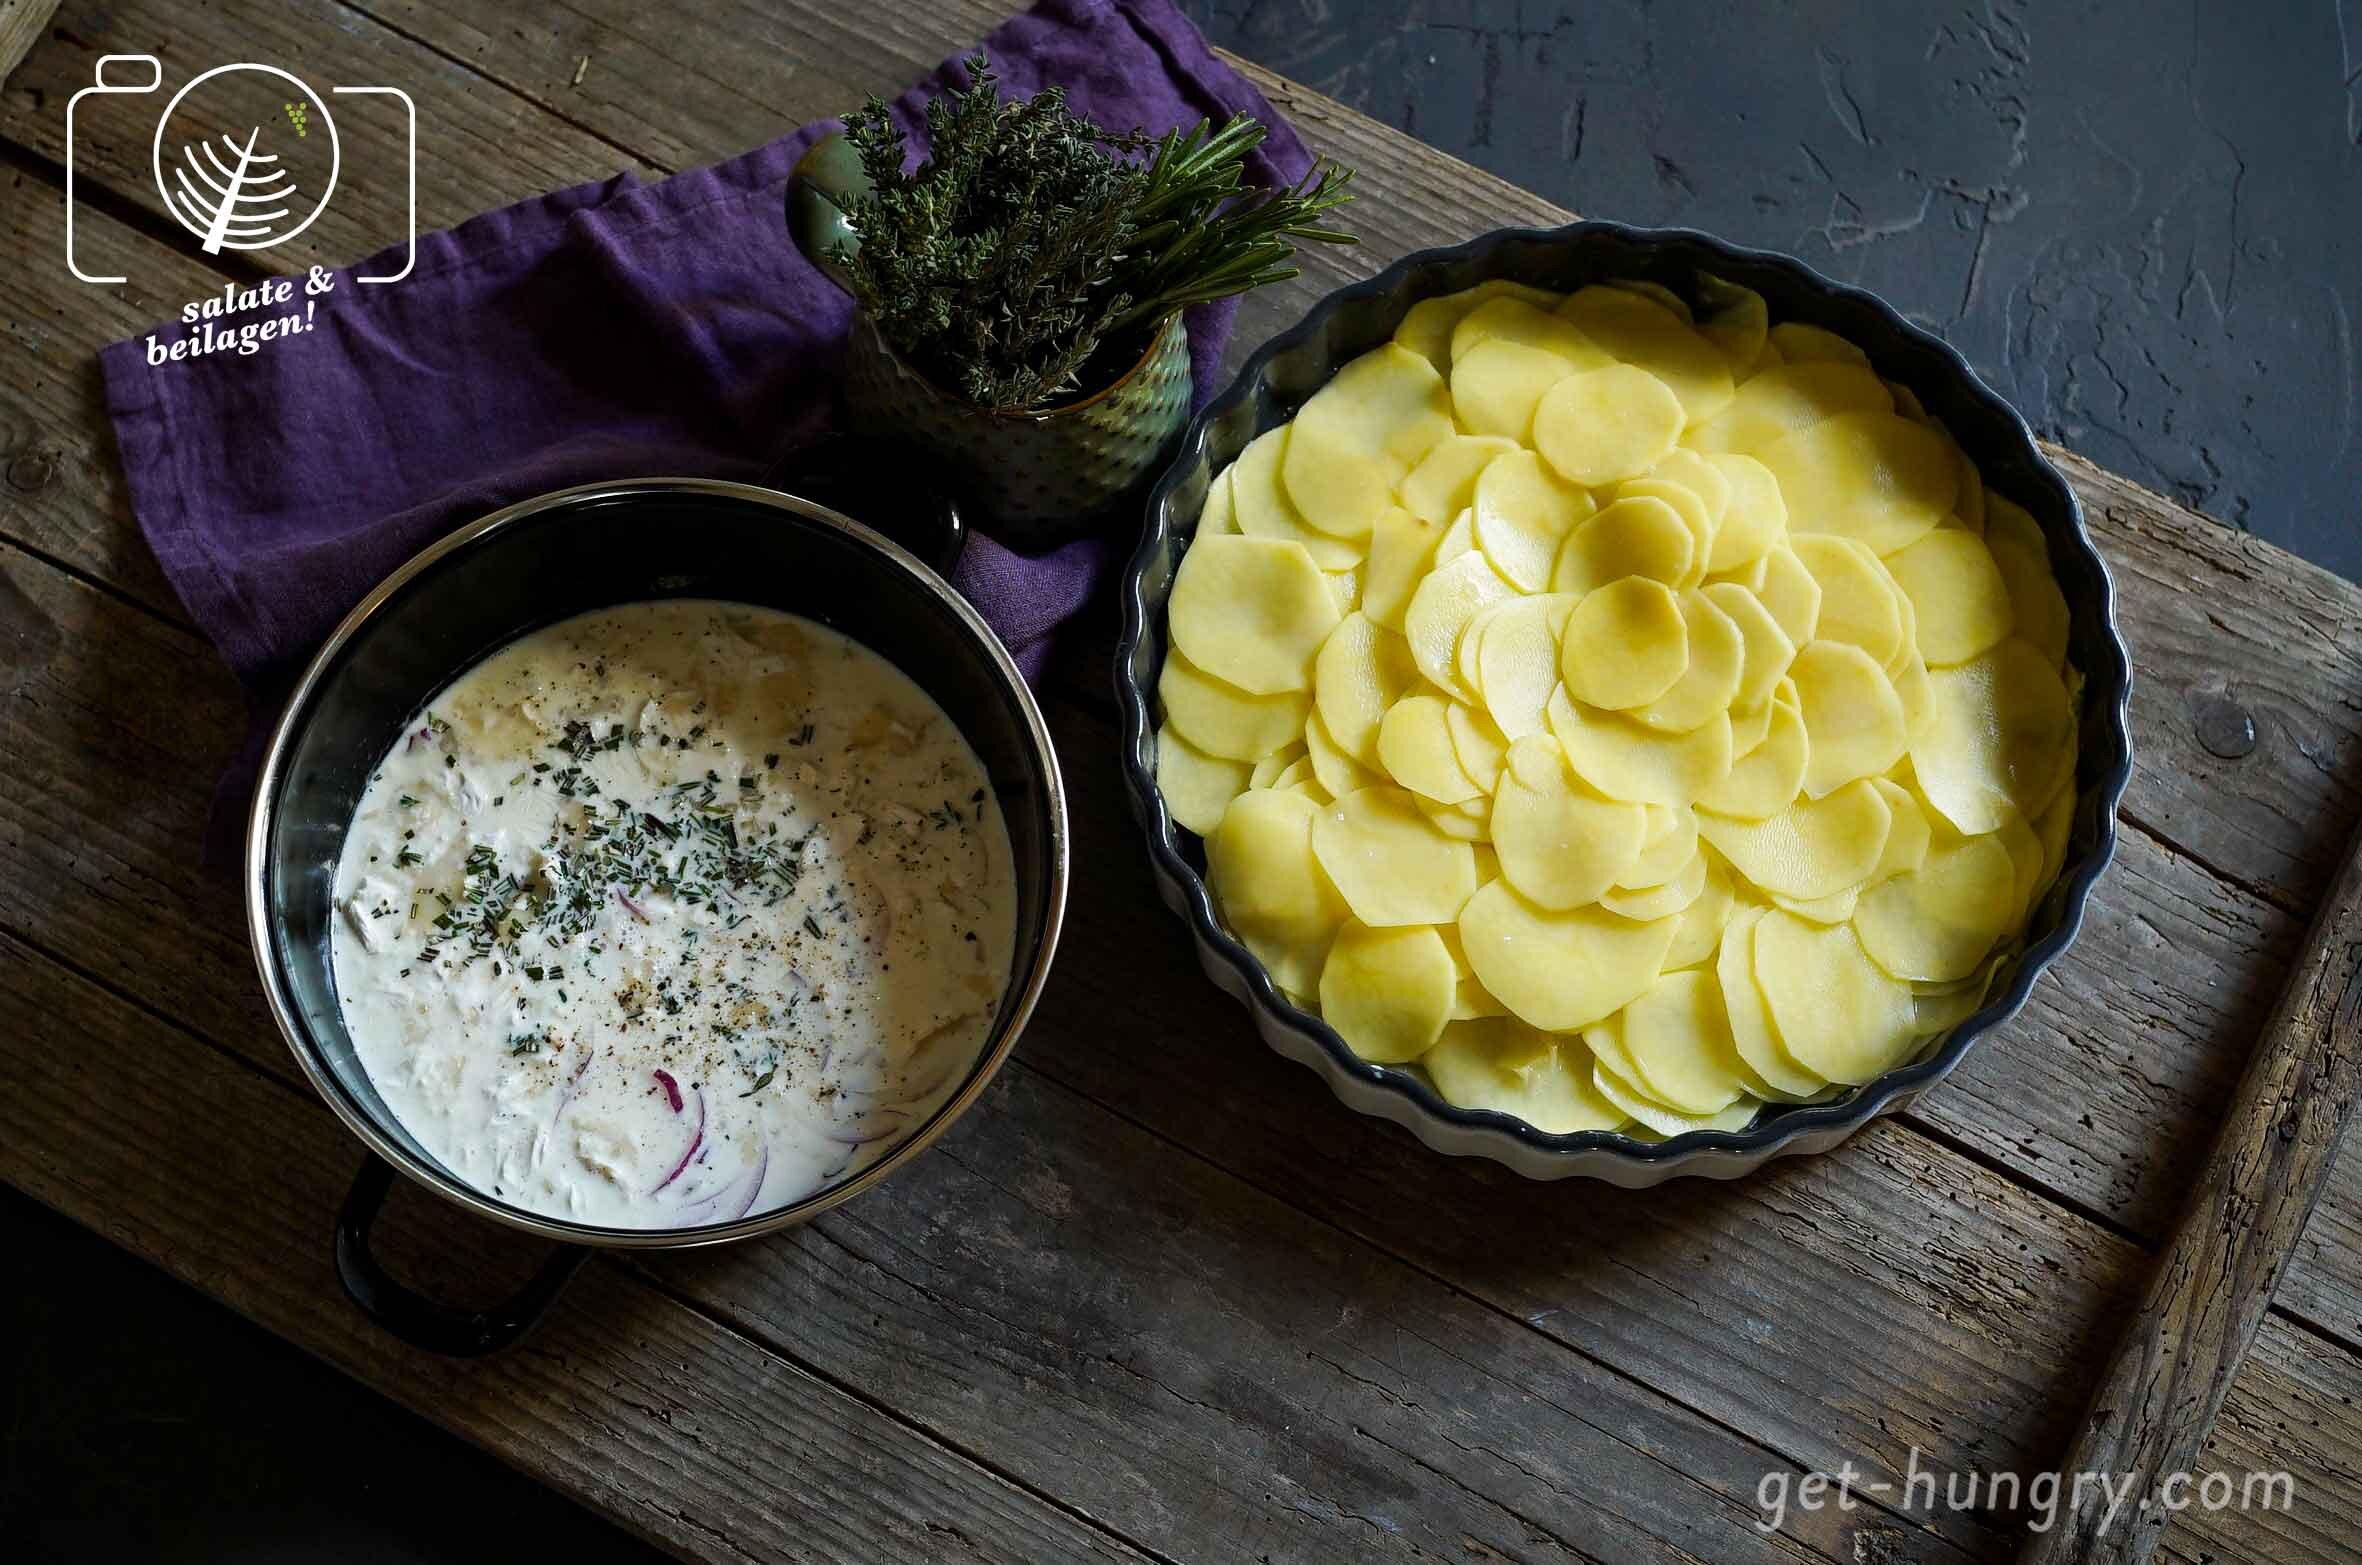 Gratinzutaten: Ziegenkäse-Sahnesauce und dünn gehobelte Kartoffeln